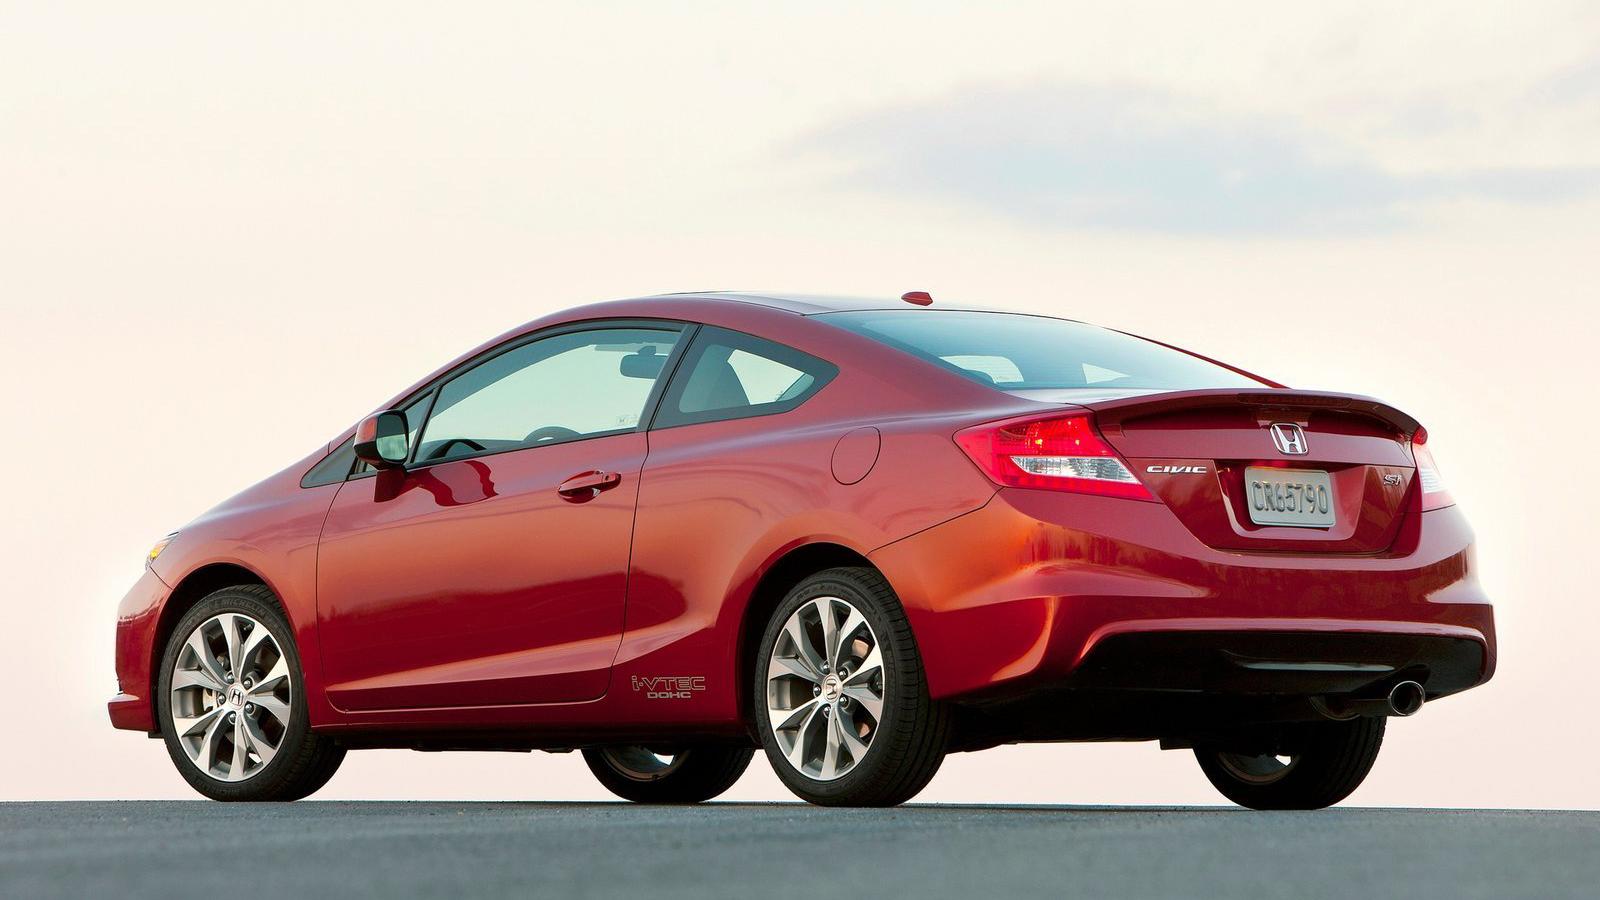 Novo Honda Civic Si Coupe 2014 201 cv Preview